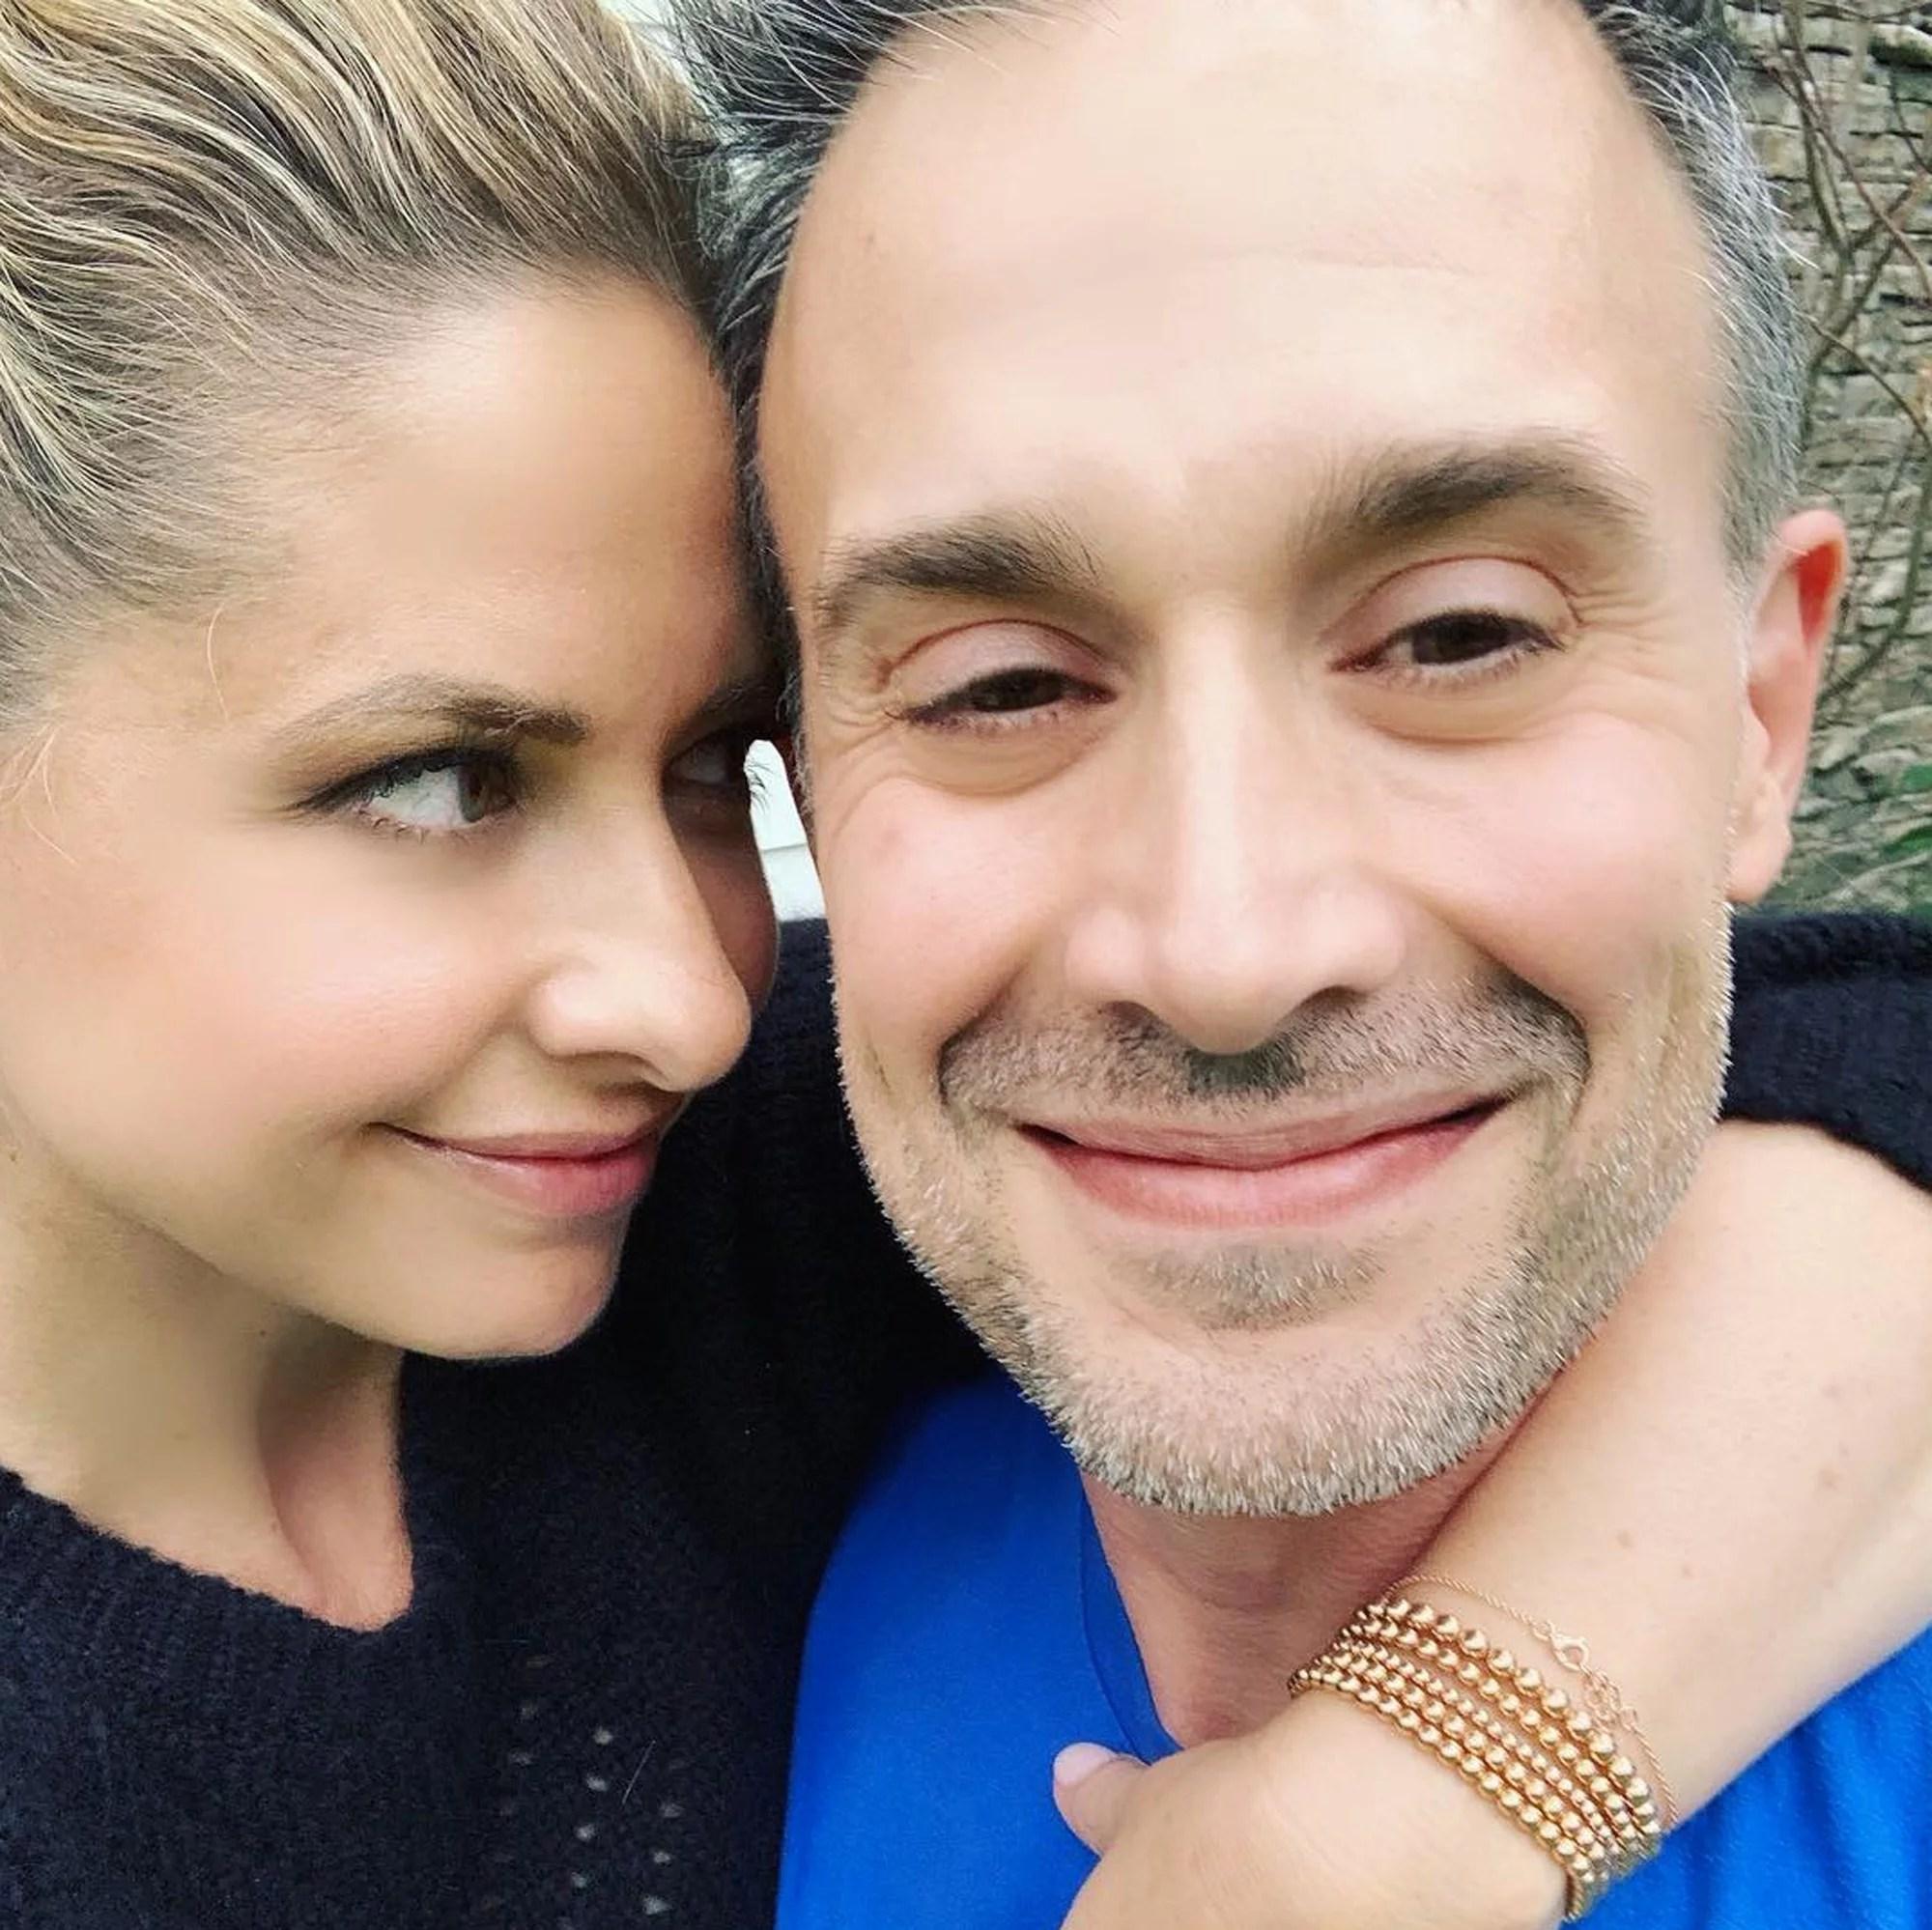 Sarah Michelle Gellar Birthday Post For Freddie Prinze 2019 Popsugar Celebrity